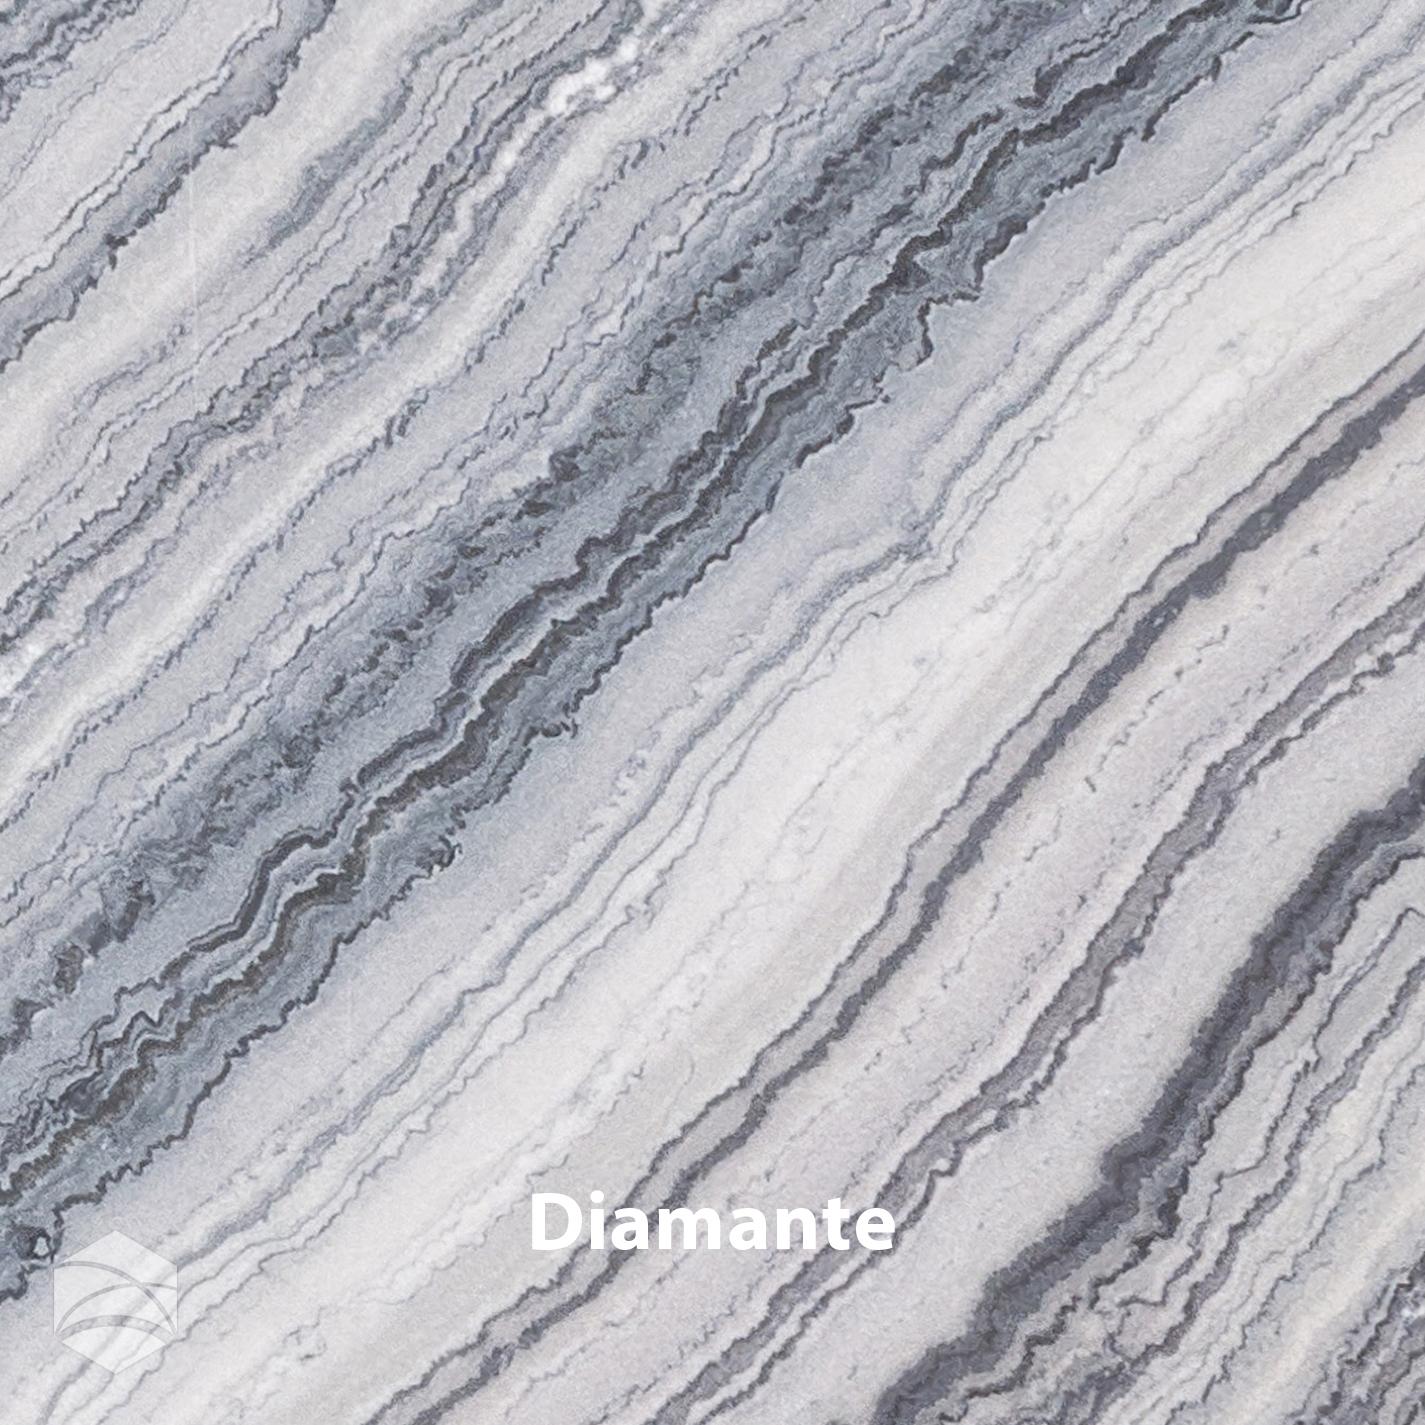 Diamante_V2_14x14.jpg